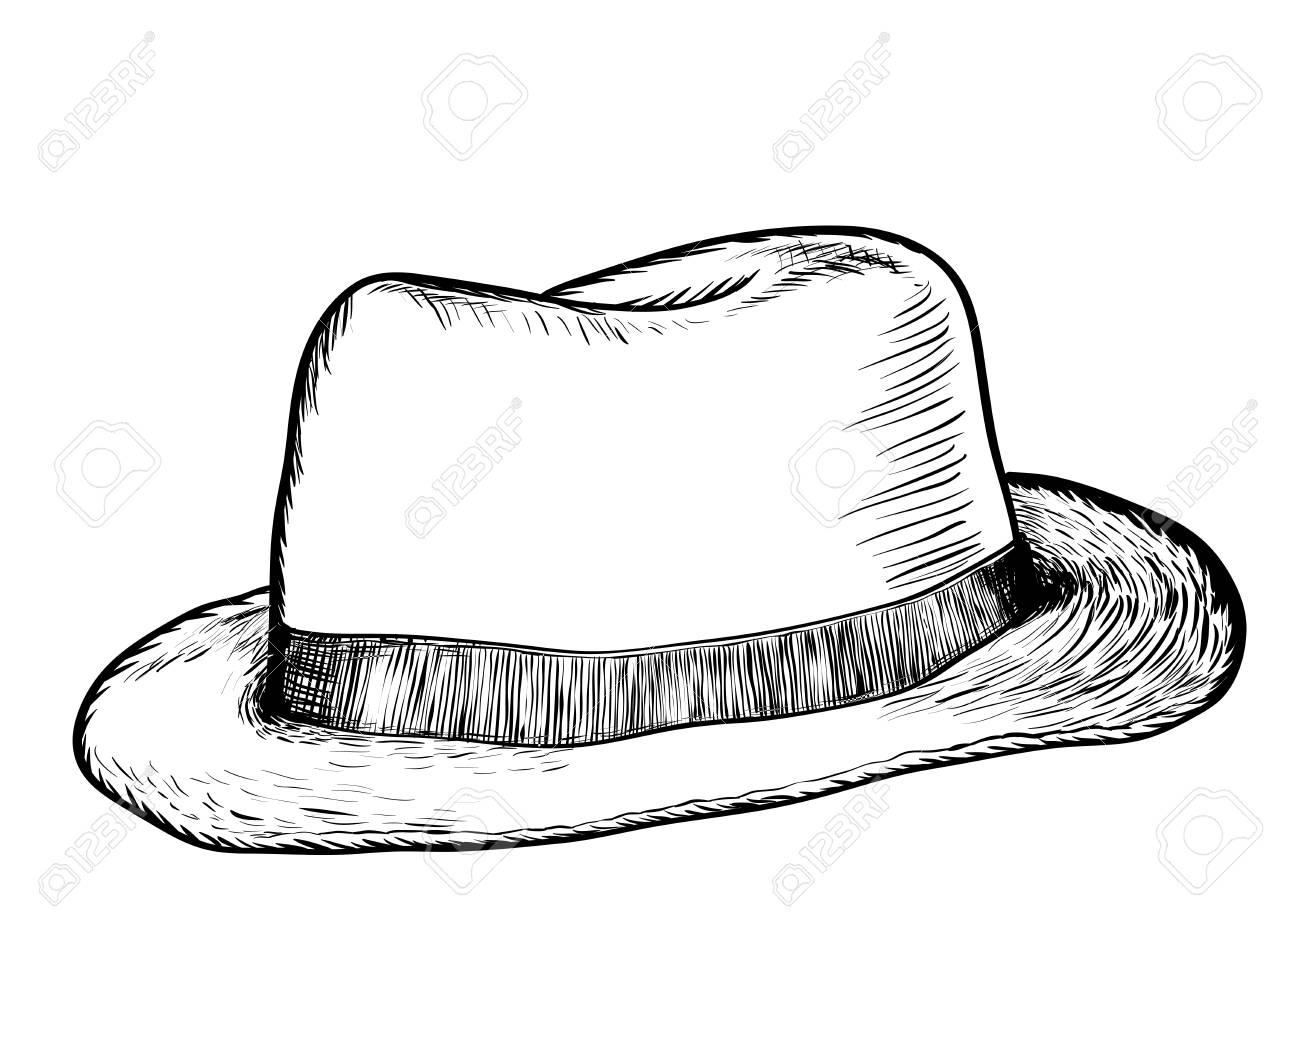 Dibujo a mano sombrero de vaquero. Ilustración de Vector de línea simple  blanco y negro 3d2db75d227